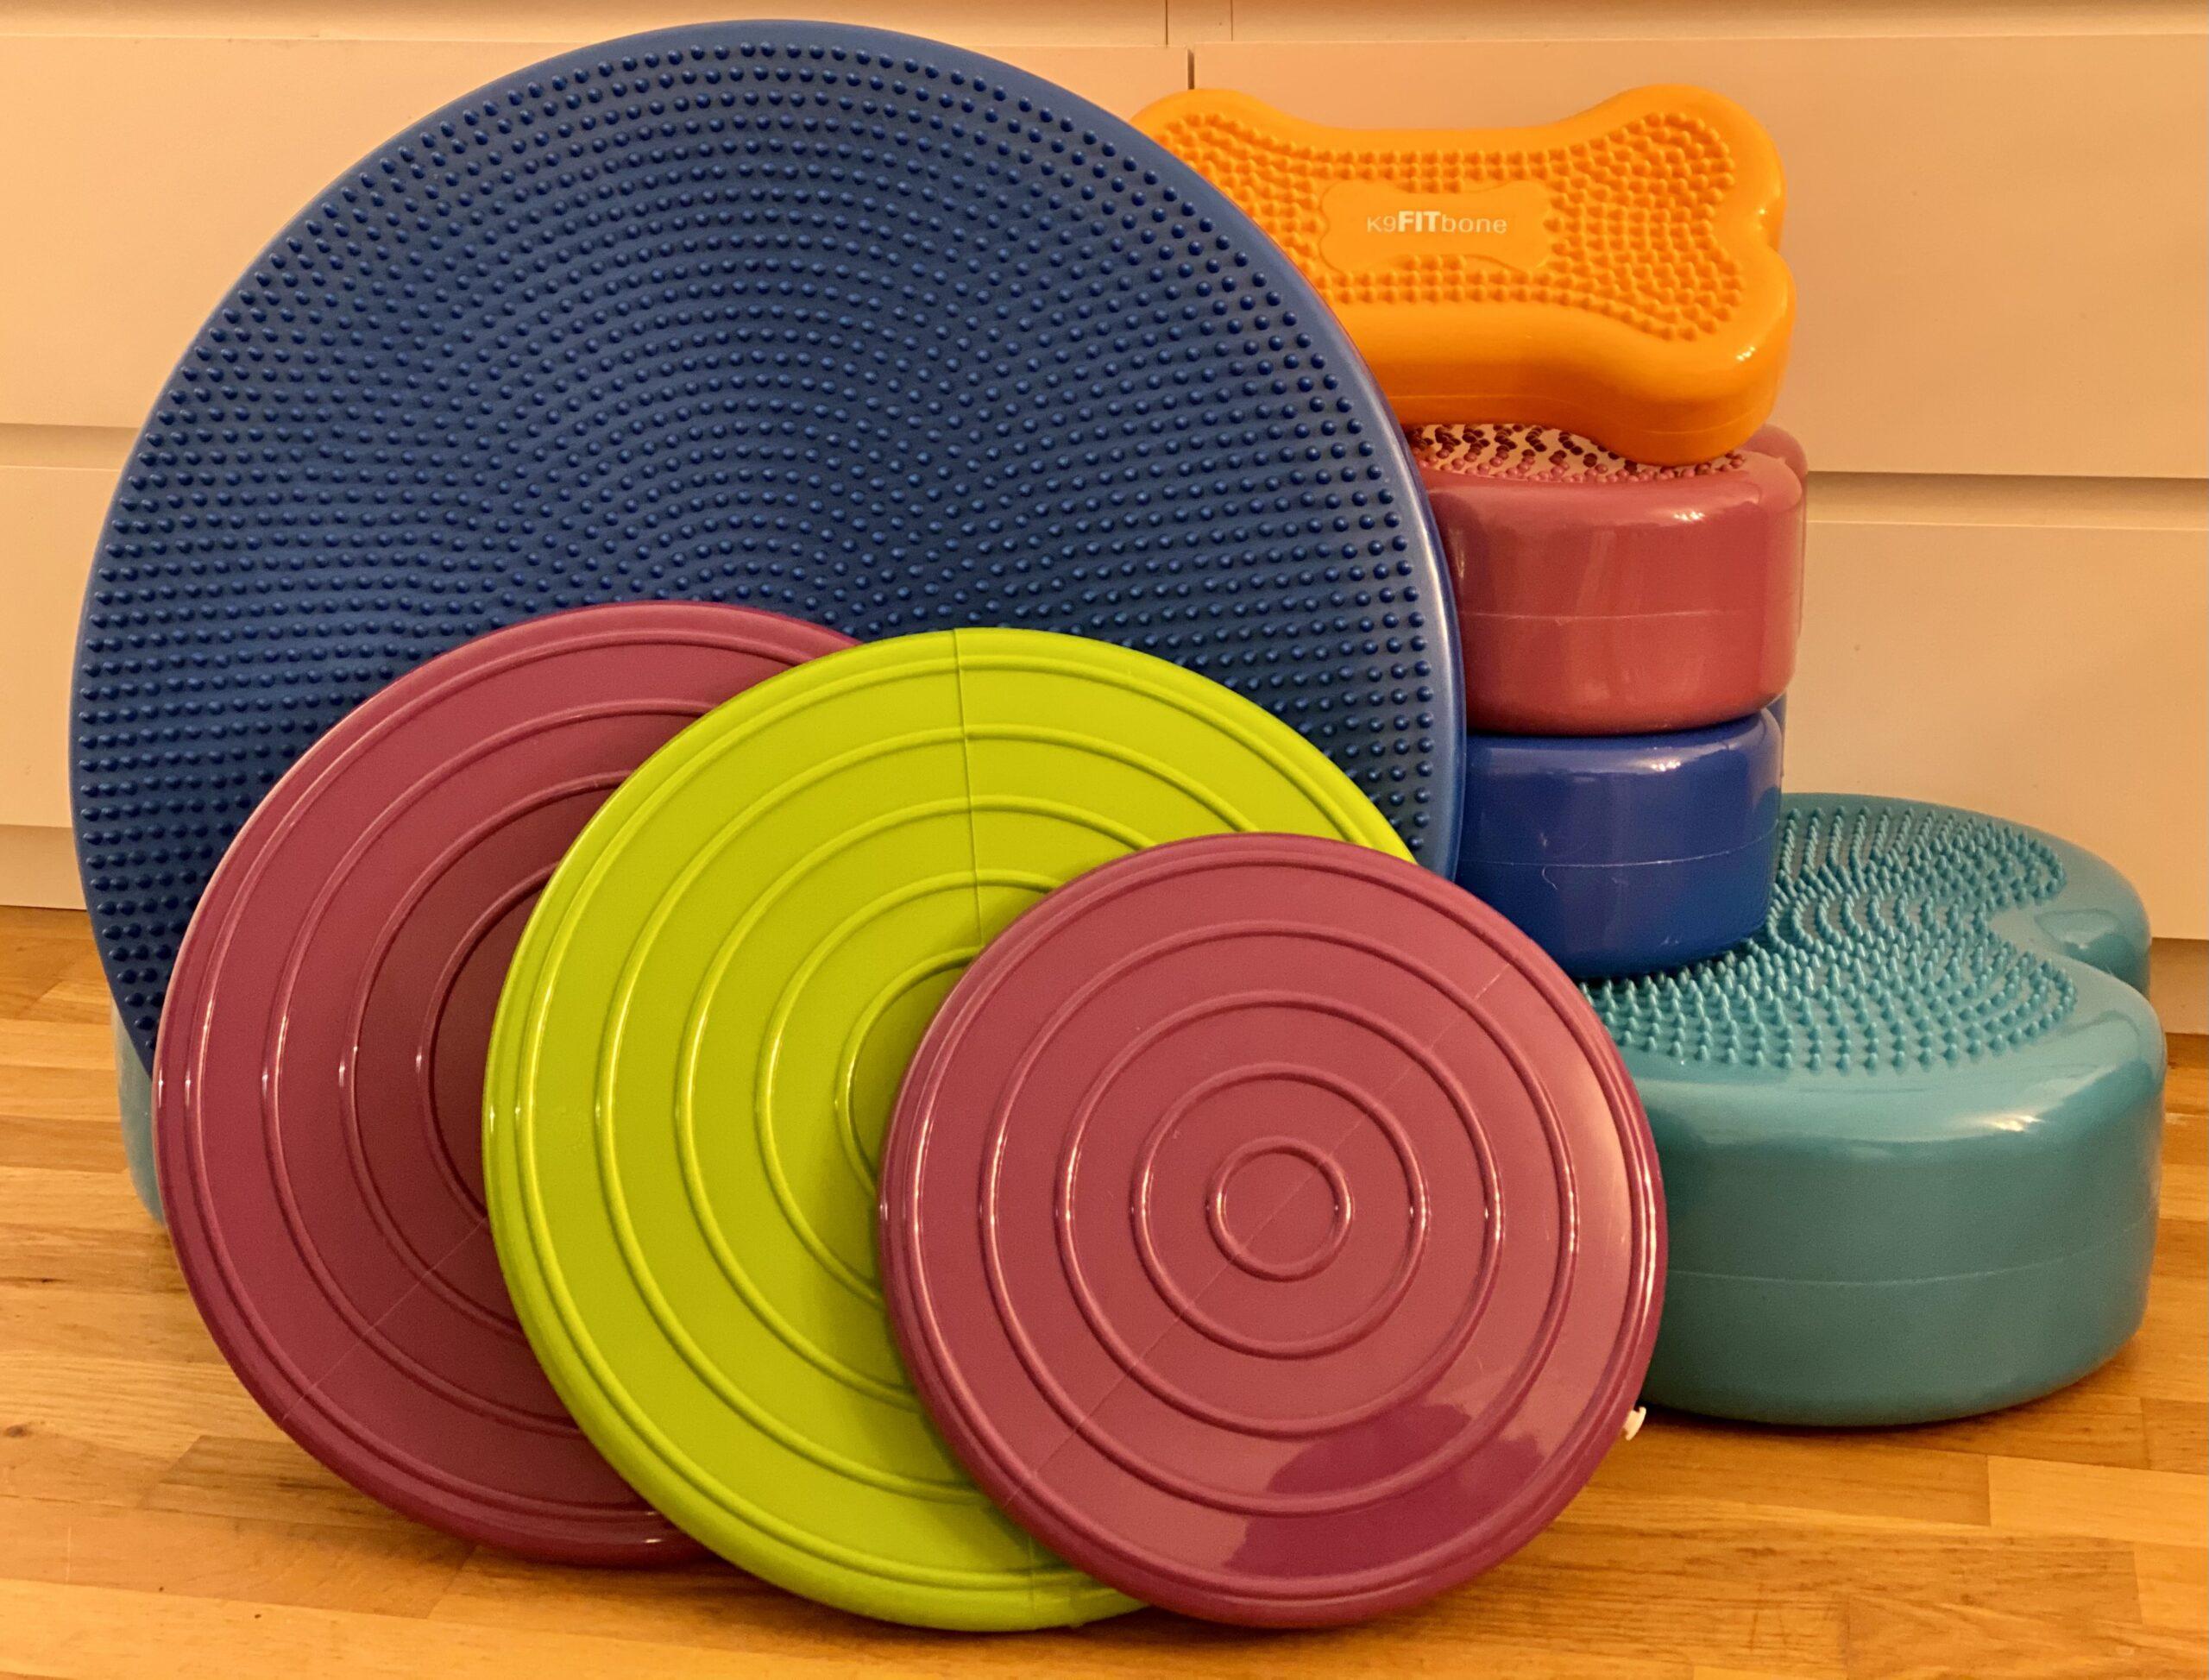 balansbollar finns i många varianter